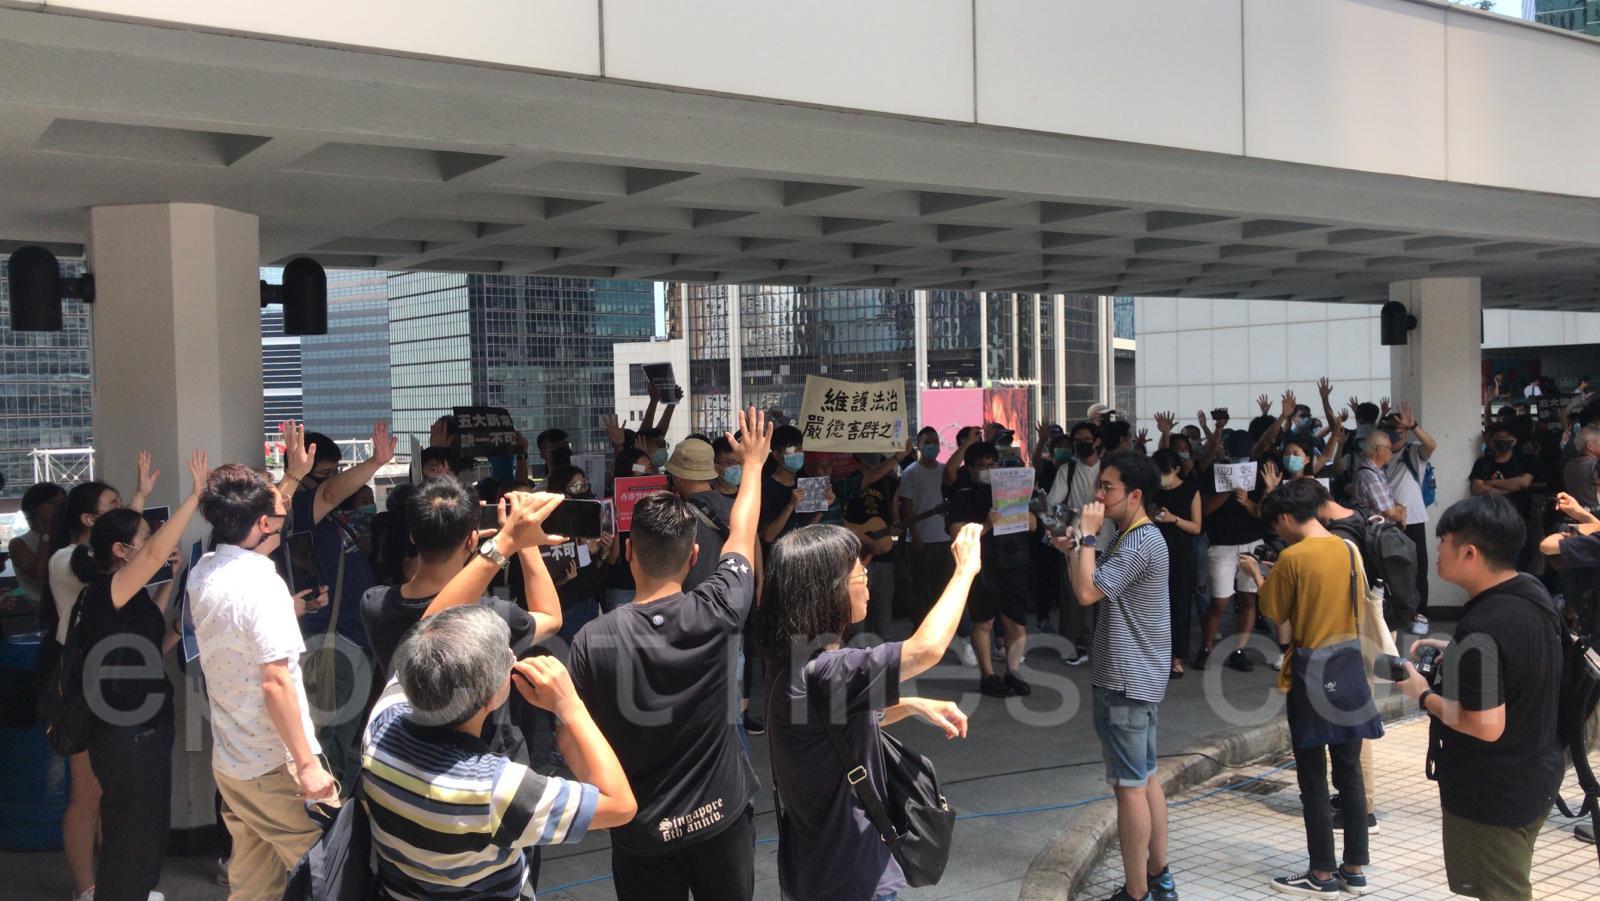 今早大批市民到場支持,他們組成人鏈,在現場喊口號,黑警 還眼,五大訴求 缺一不可,沒有暴徒 只有暴政,香港人 加油!(黃曉翔/大紀元)